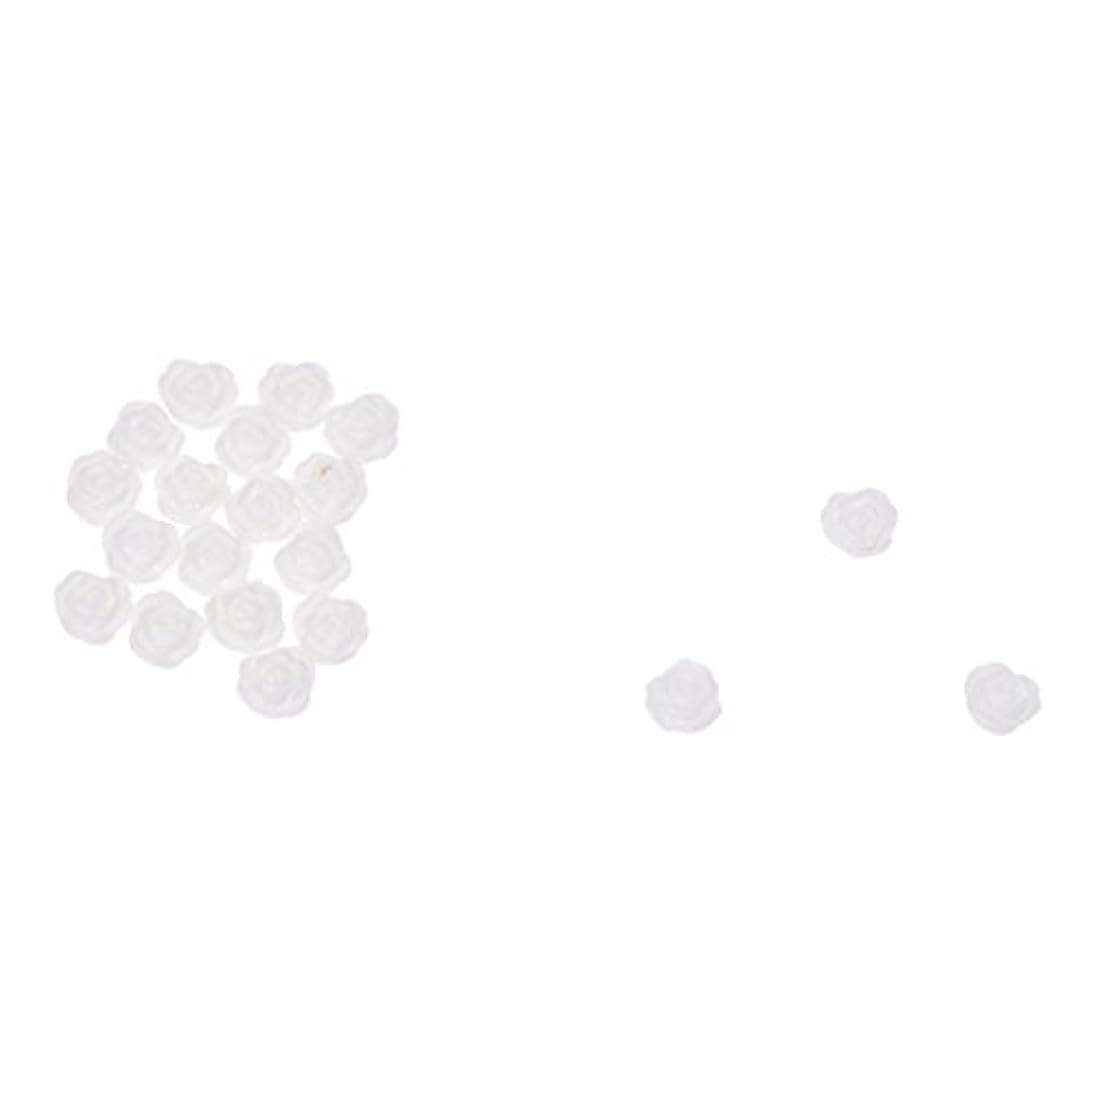 慎重に全国拡張ACAMPTAR ACAMPTAR(R)20×アクリル 3D 白い花 スライスネイルアートヒント UVジェル DIYデコレーション